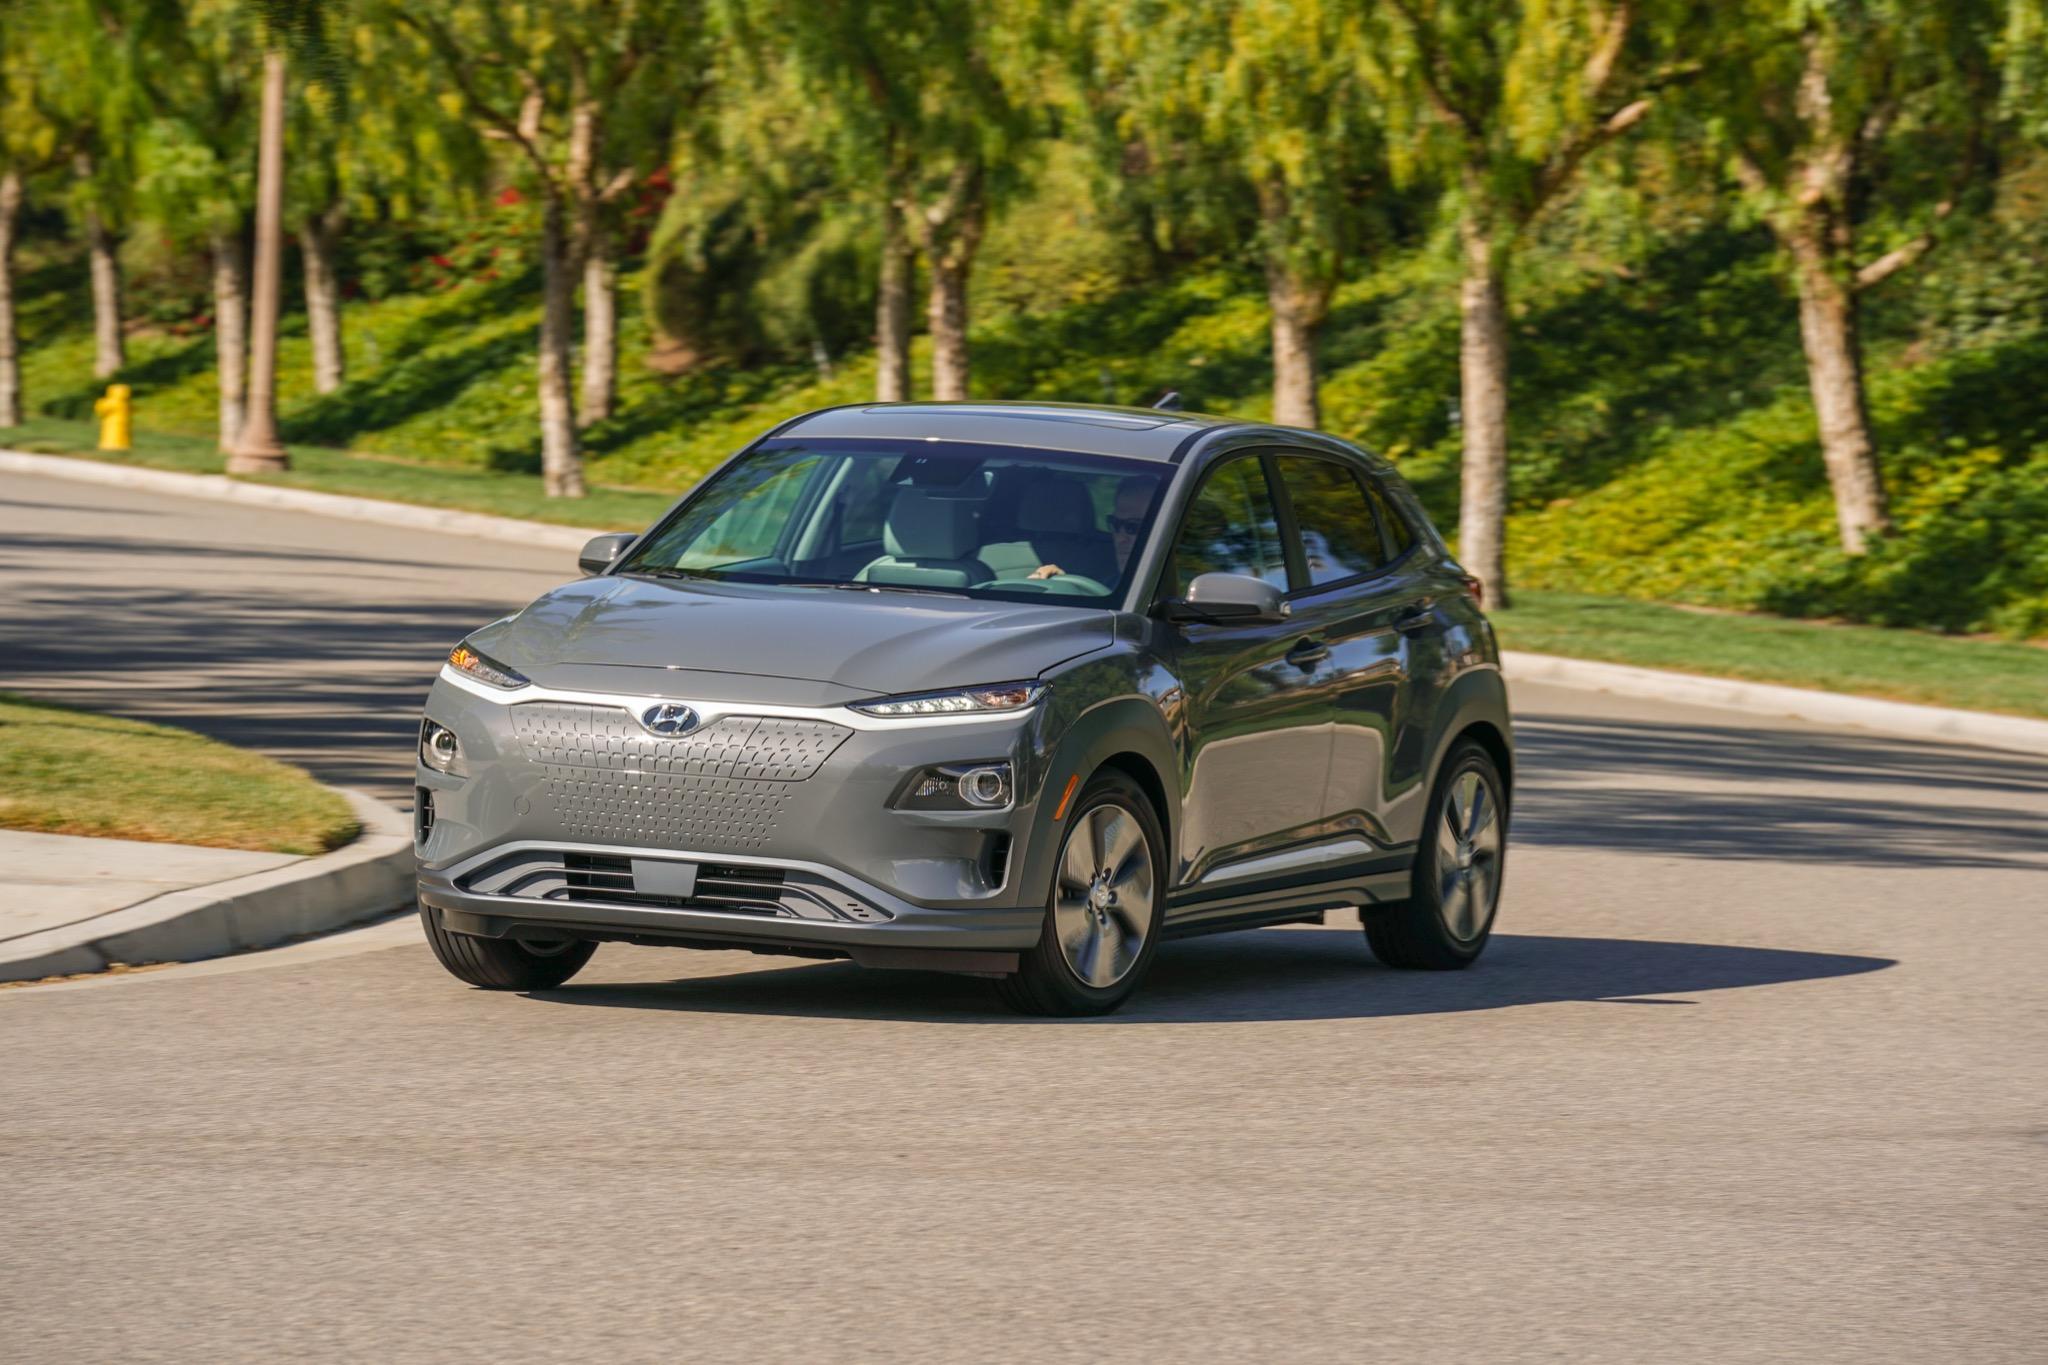 Hyundai va remplacer les batteries des Kona électrique